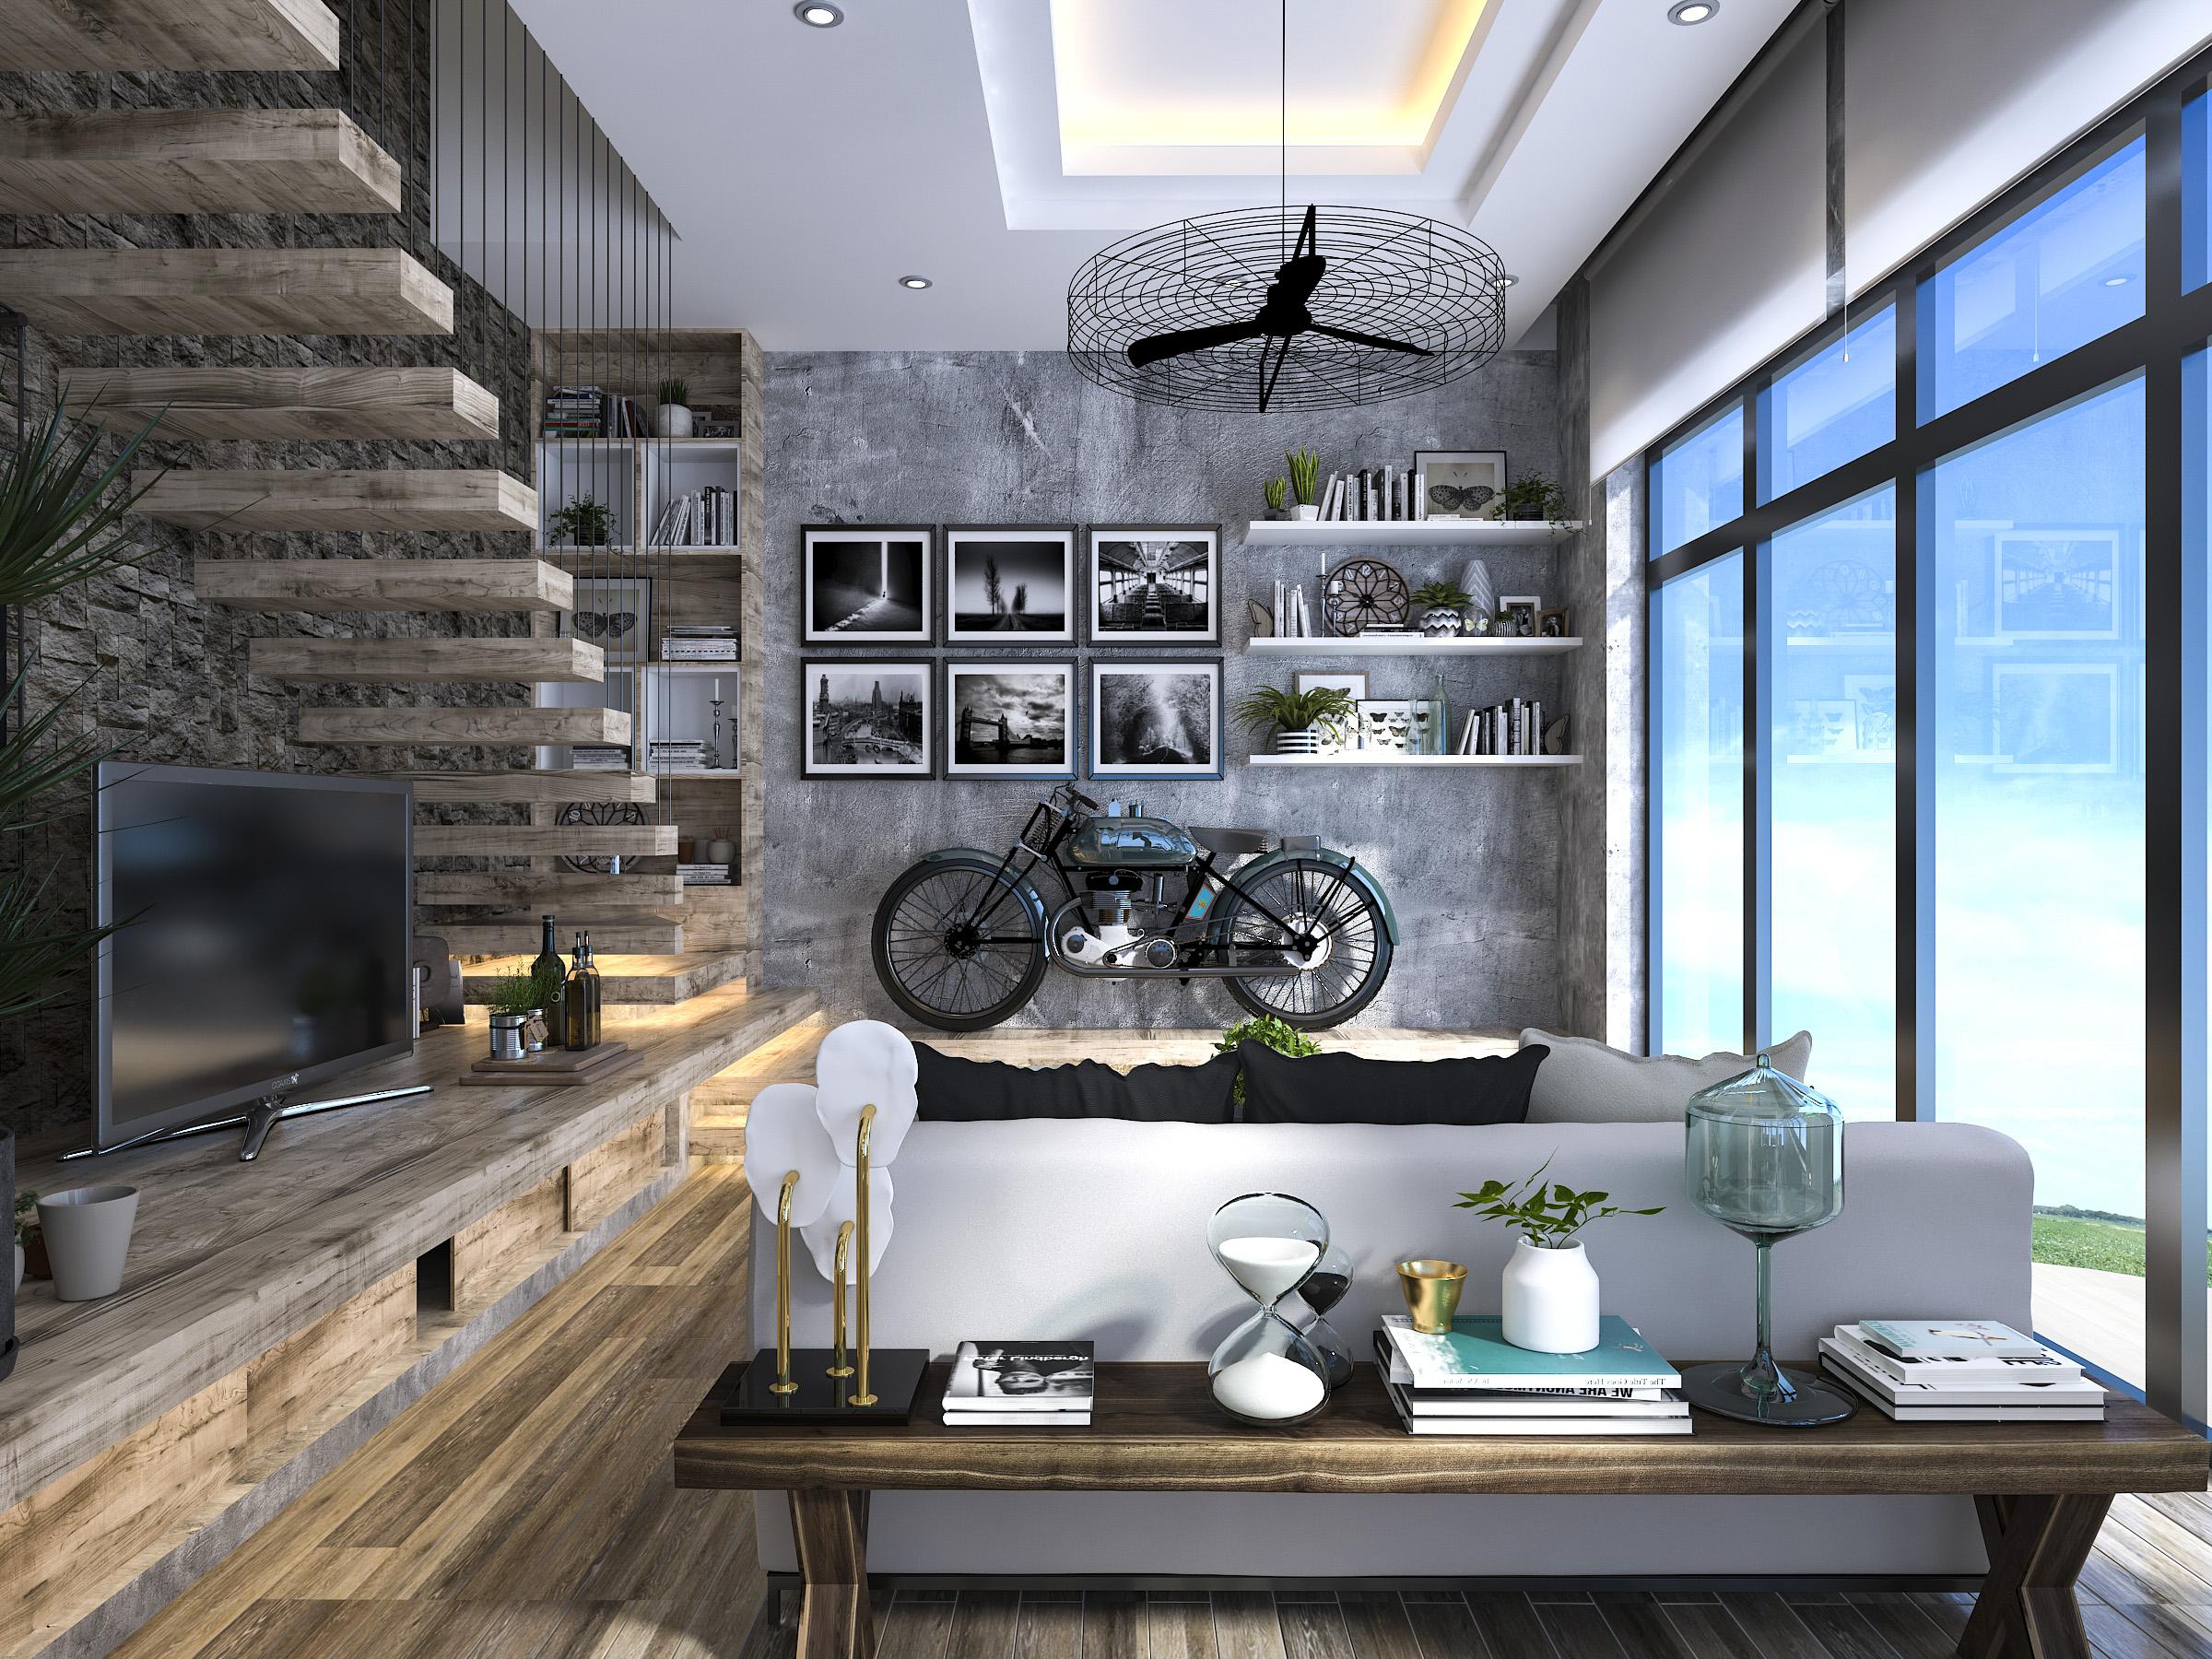 thiết kế nội thất Nhà tại Hồ Chí Minh Mr. Huy House 3 1565771941